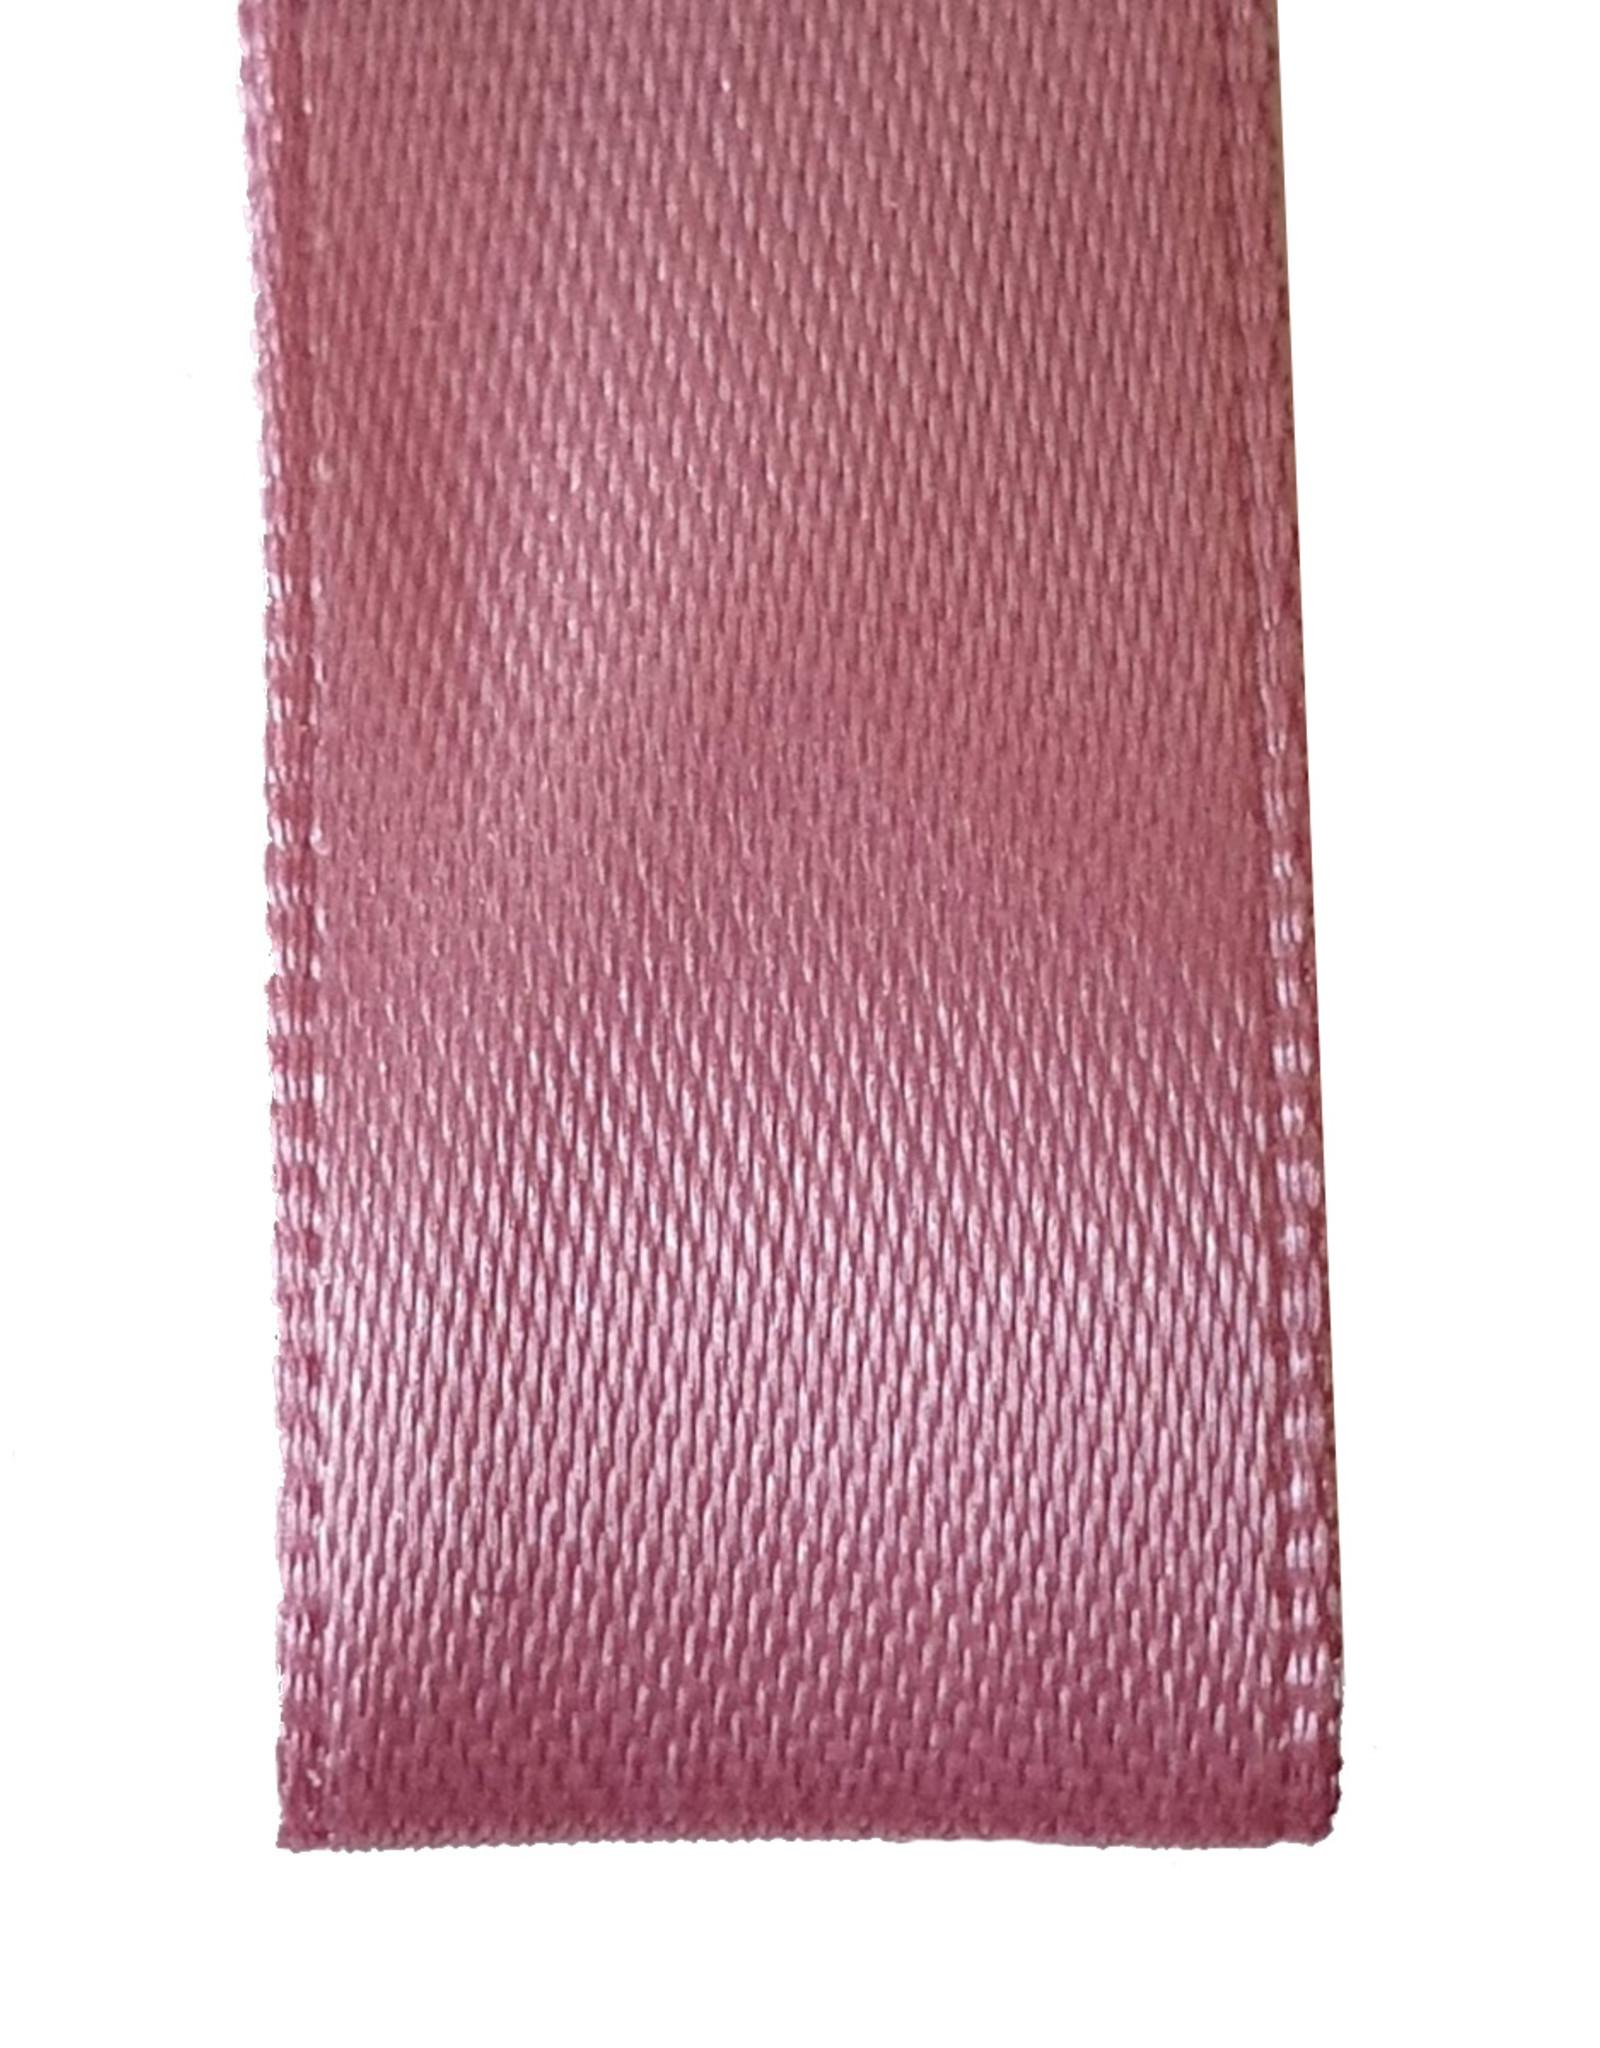 Premium lint satijn - Oud roze (25 meter)